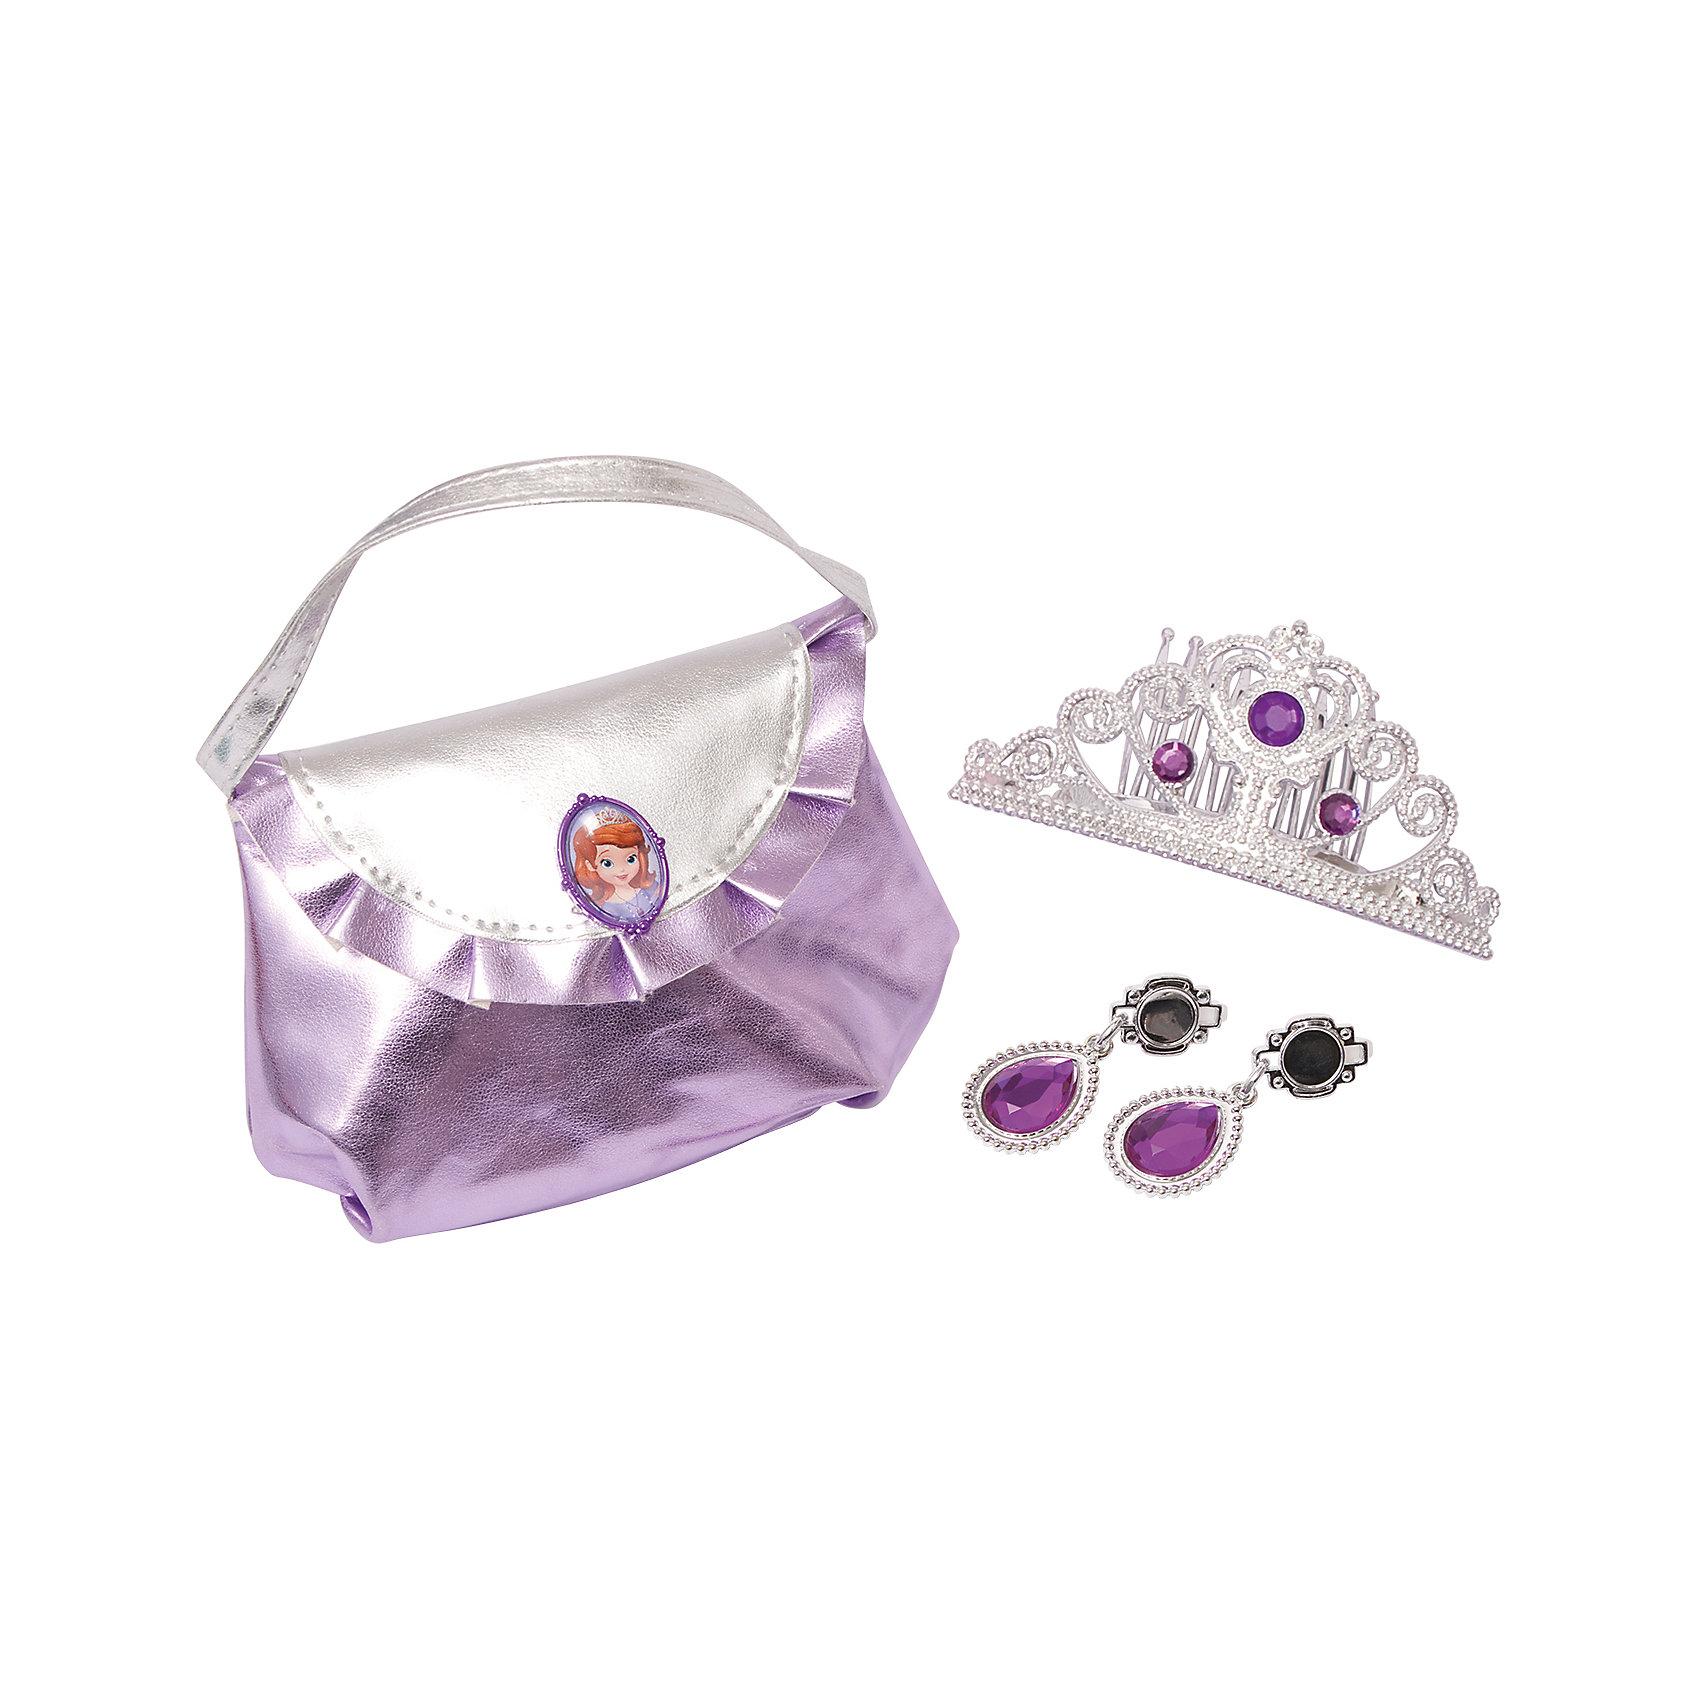 Набор из 3-х предметов: диадема, серьги и сумочка